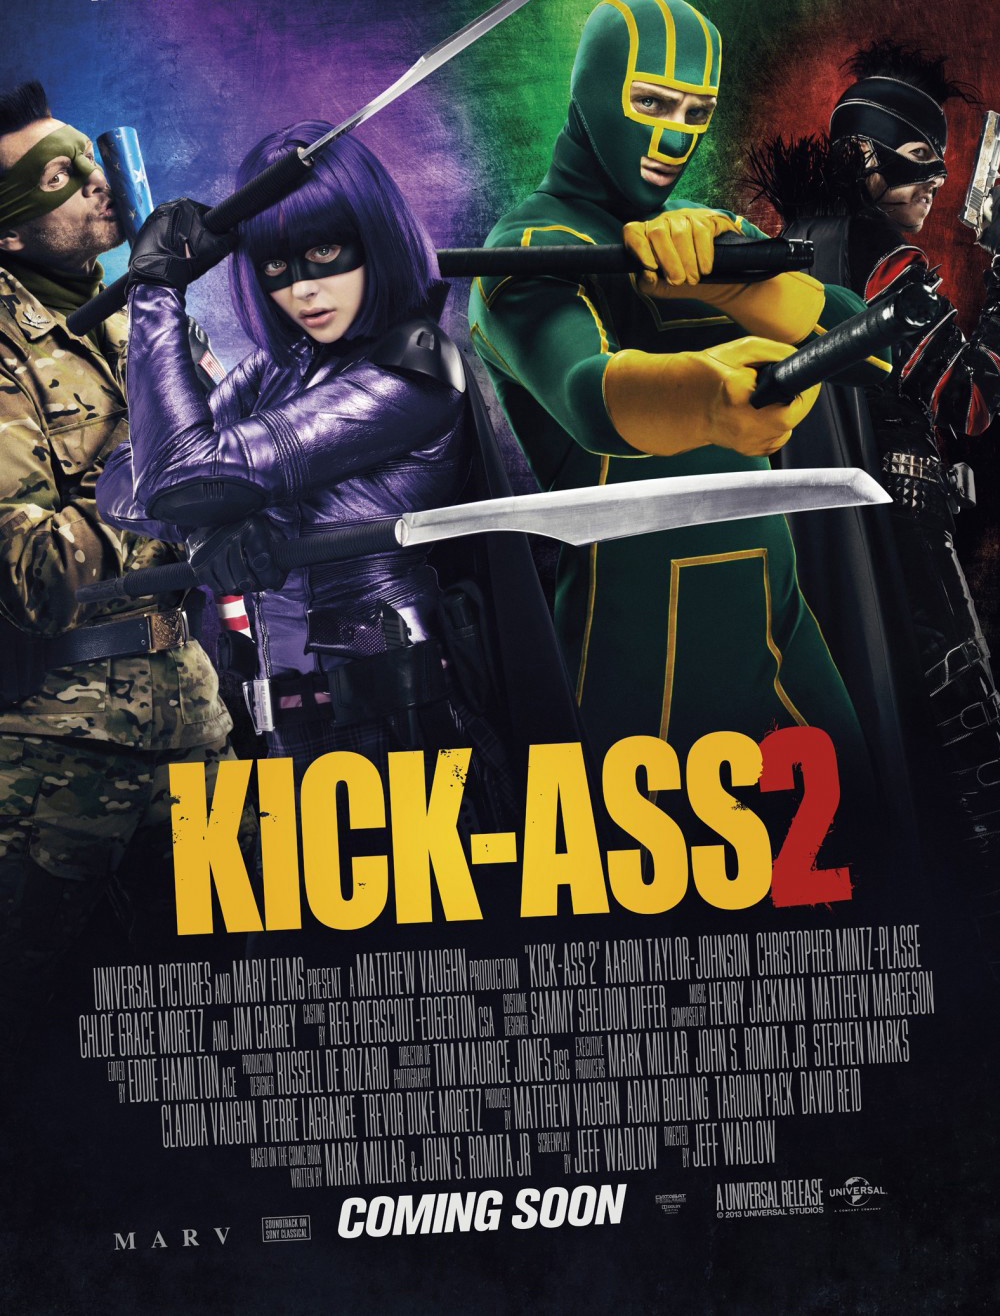 Video cop kick ass